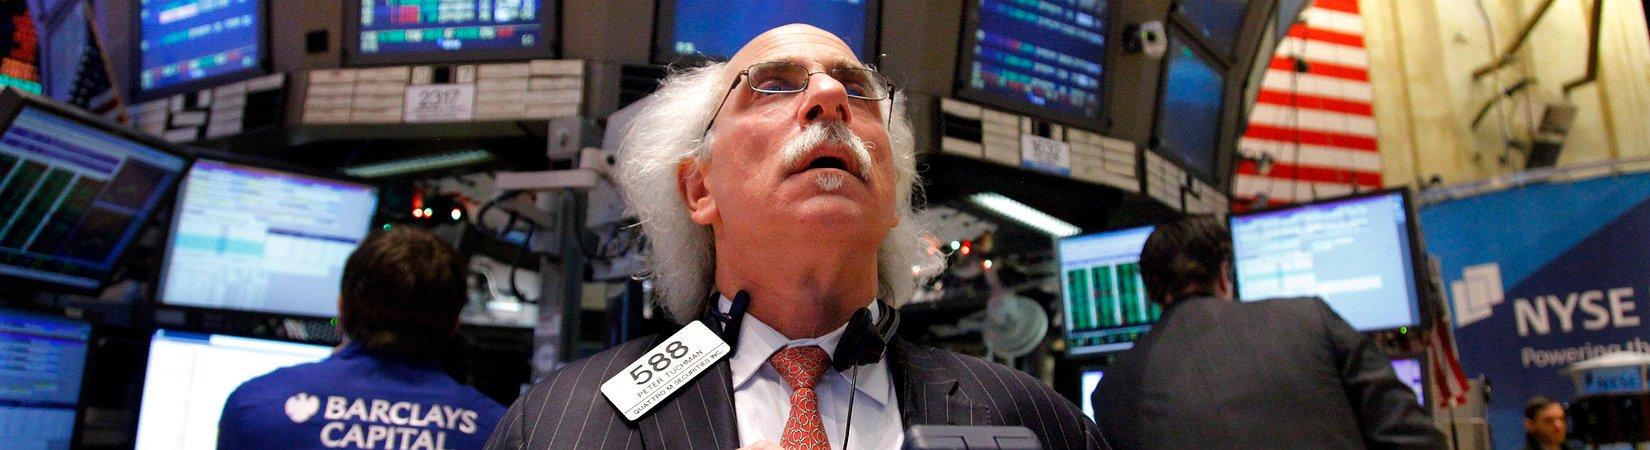 من السندات الرخيصة إلى العملات المشفرة.. كيف تصاب الأسواق بالجنون